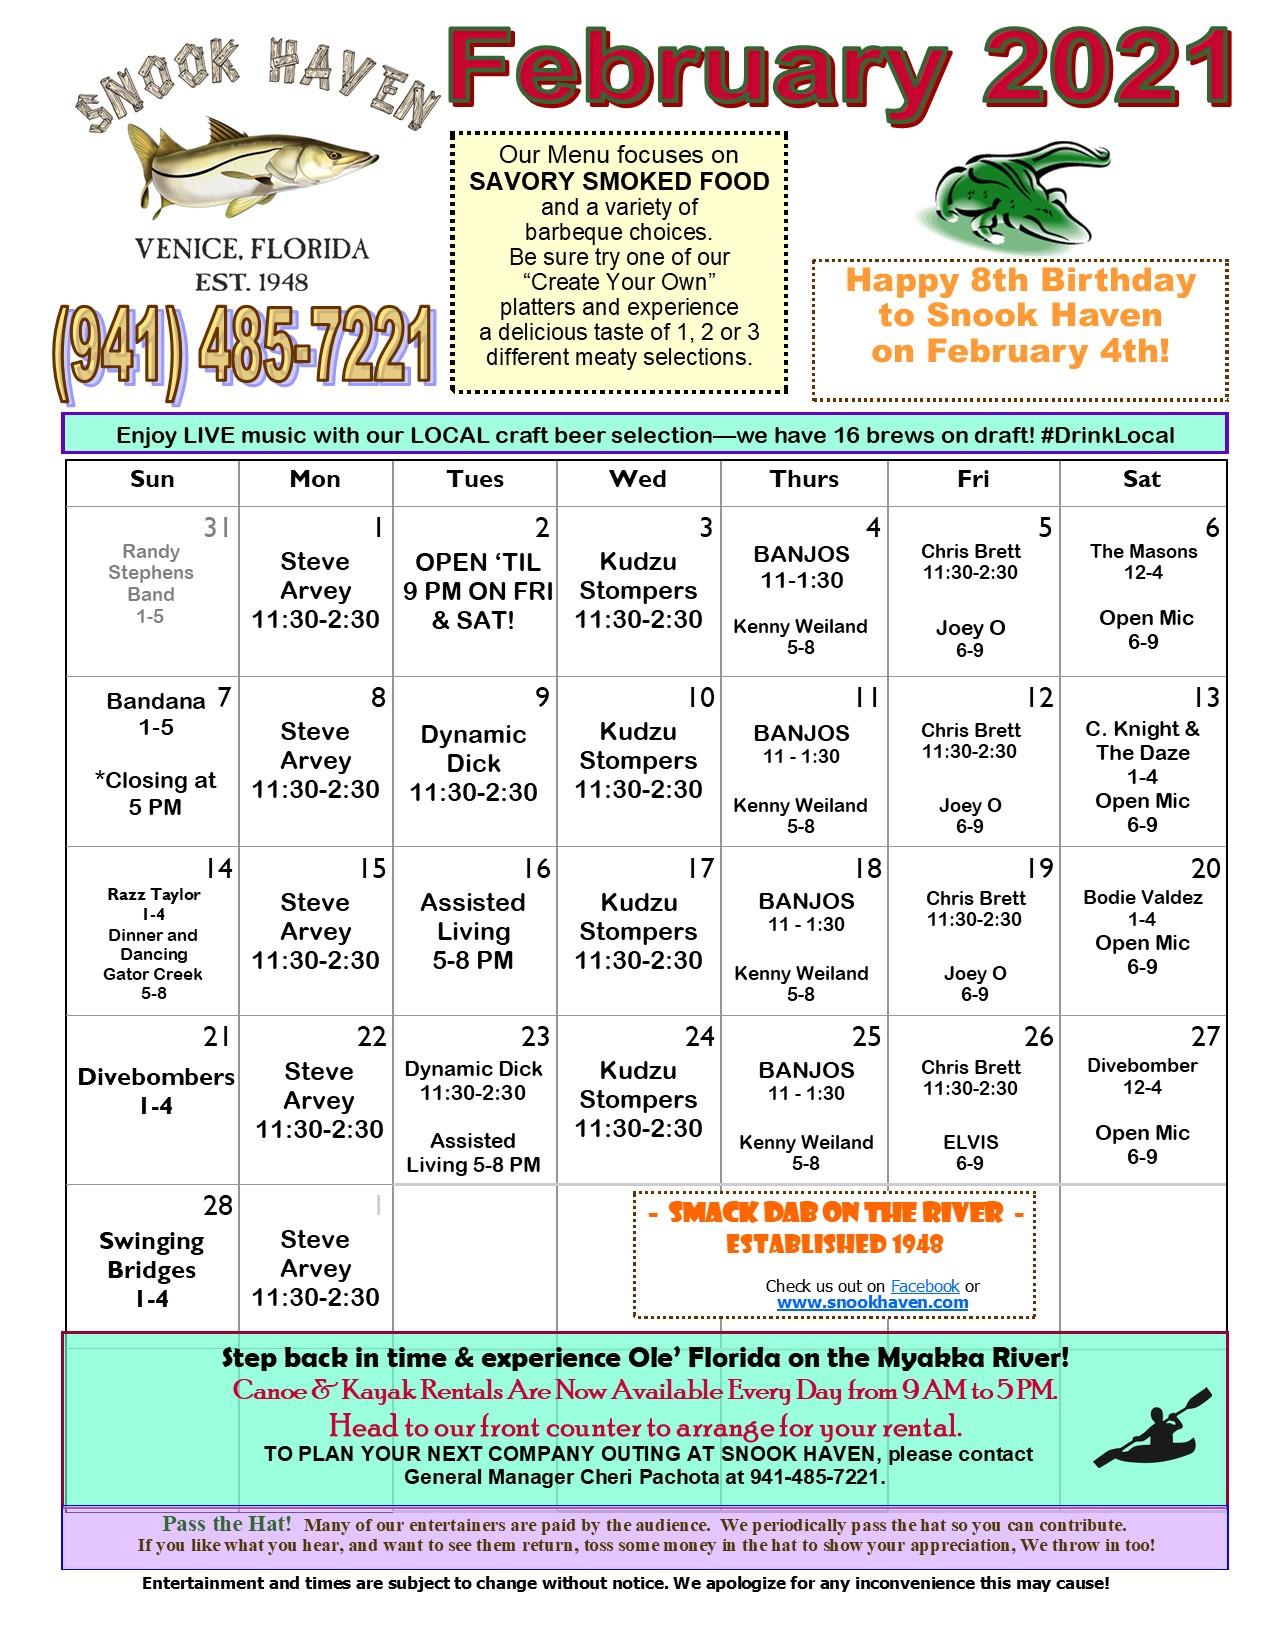 February Music & Event Calendar